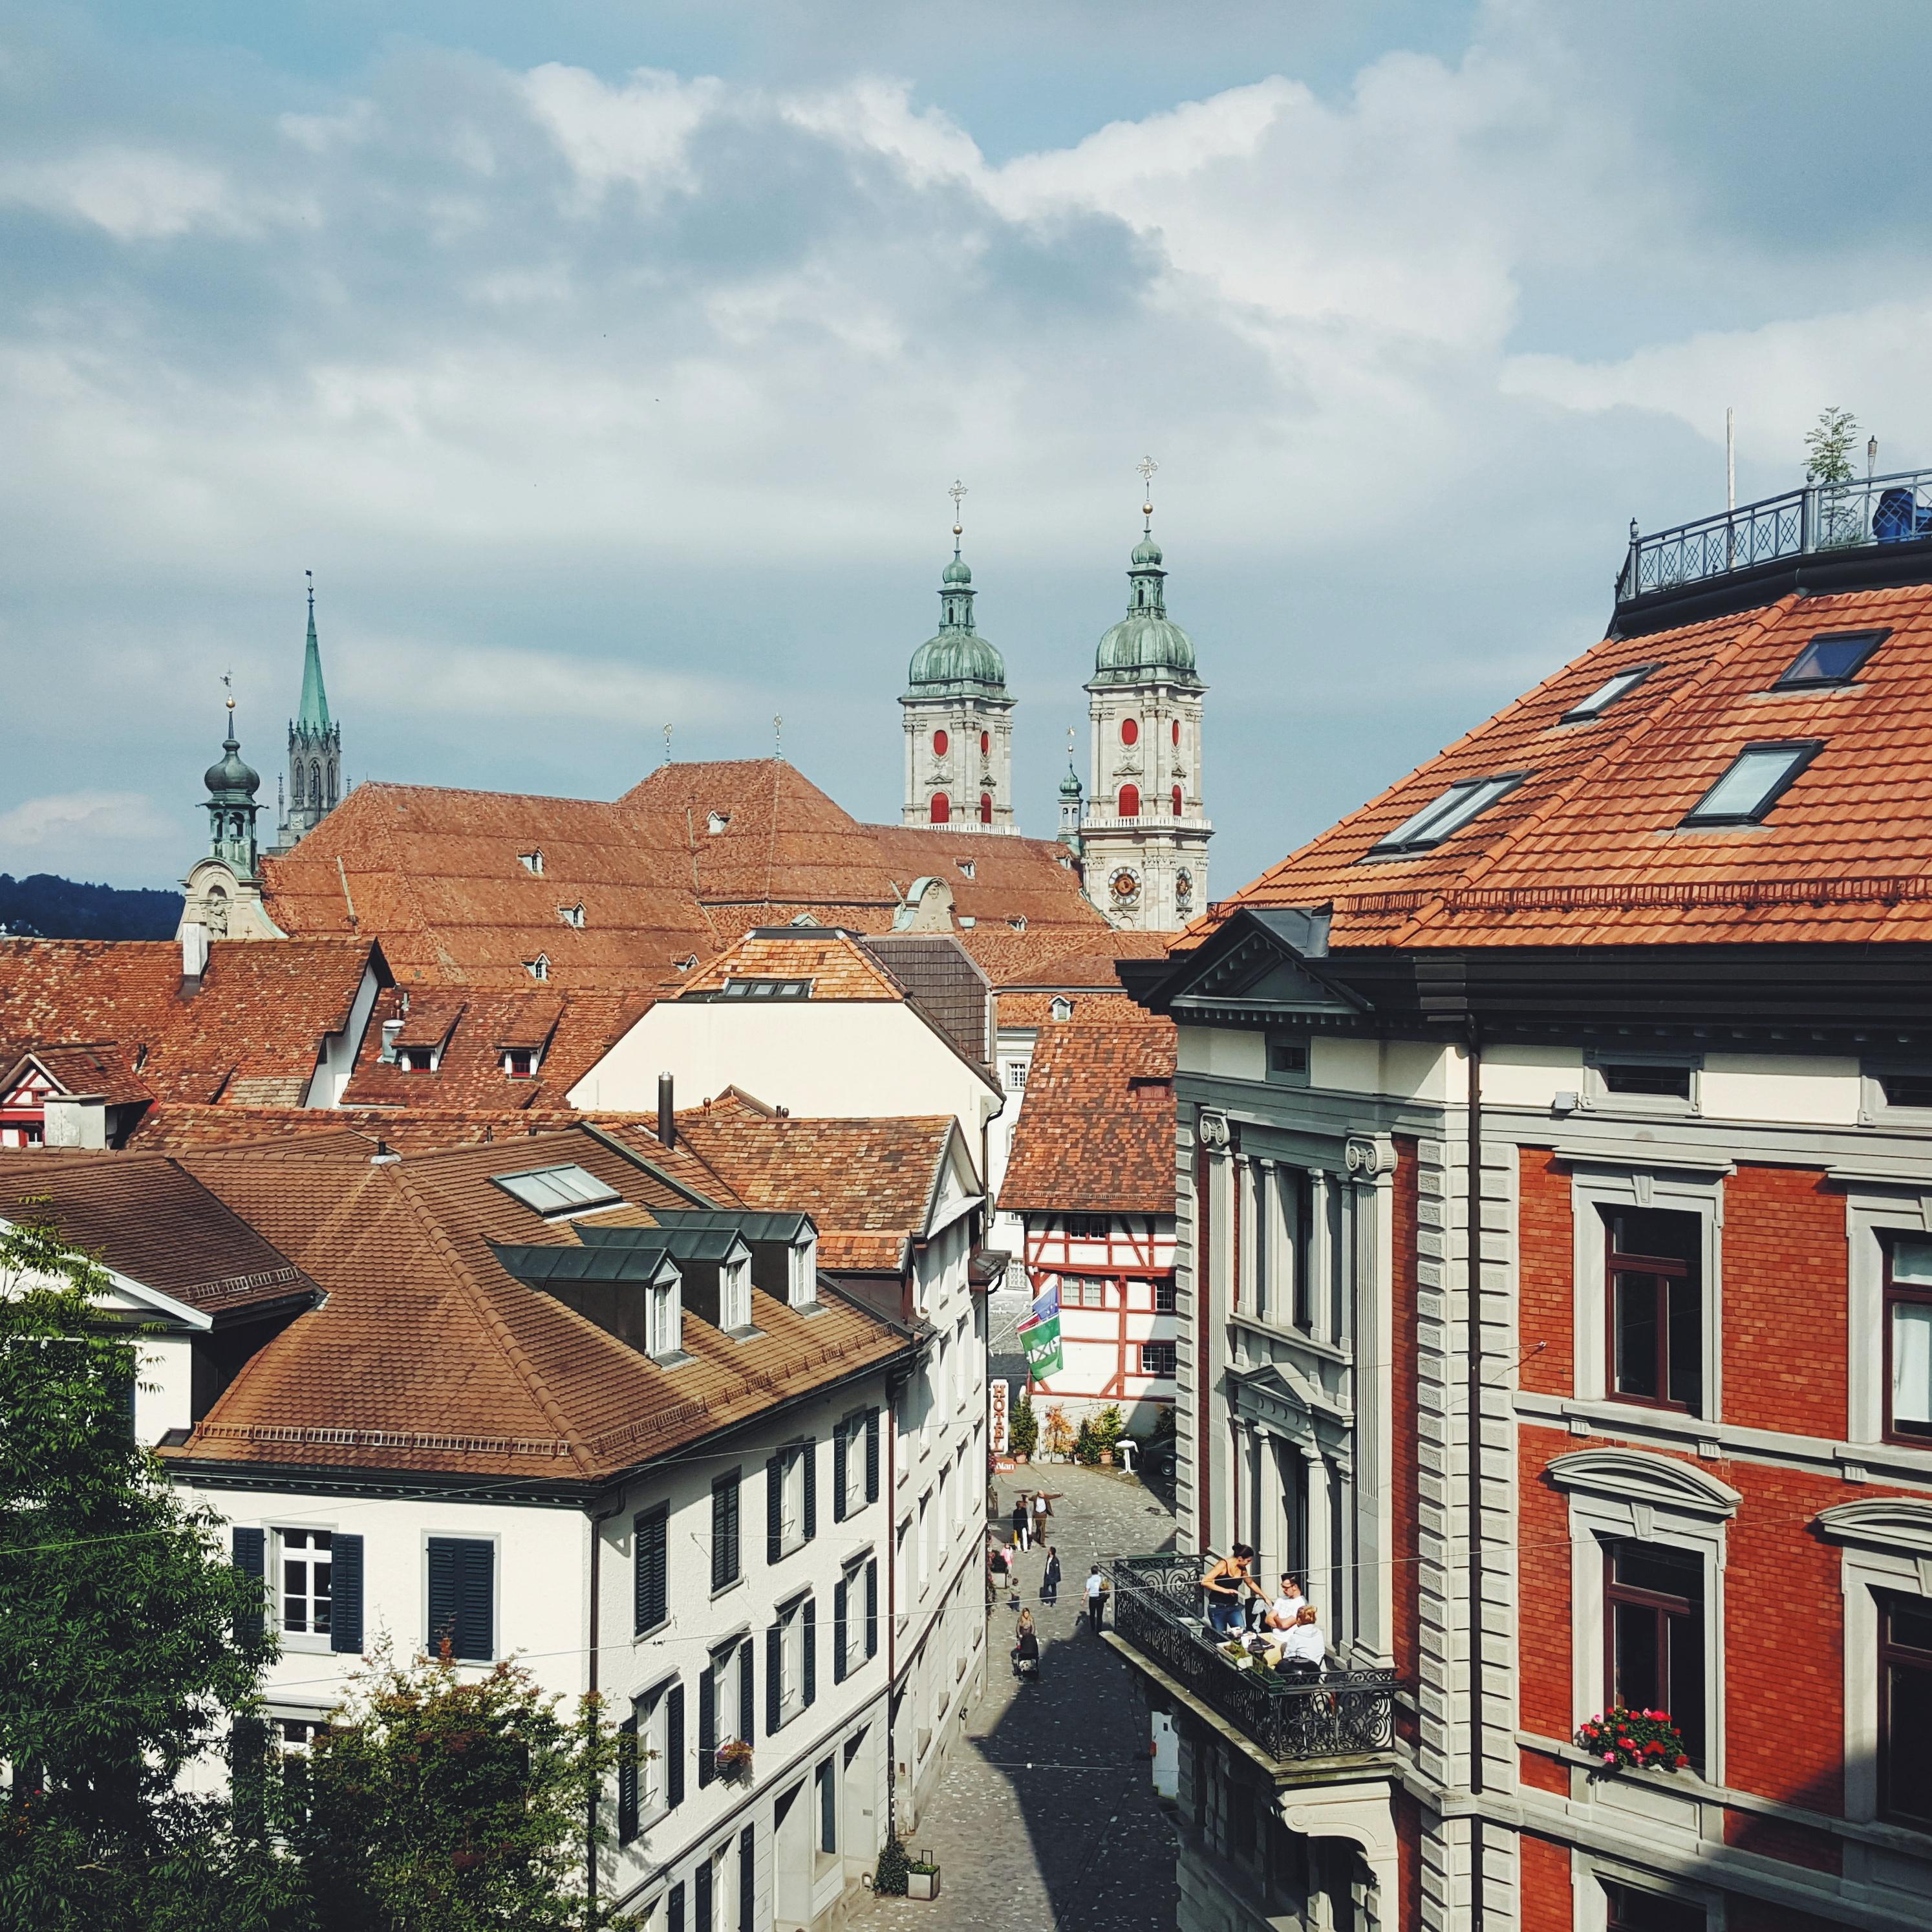 St-Gallen-Altstadt